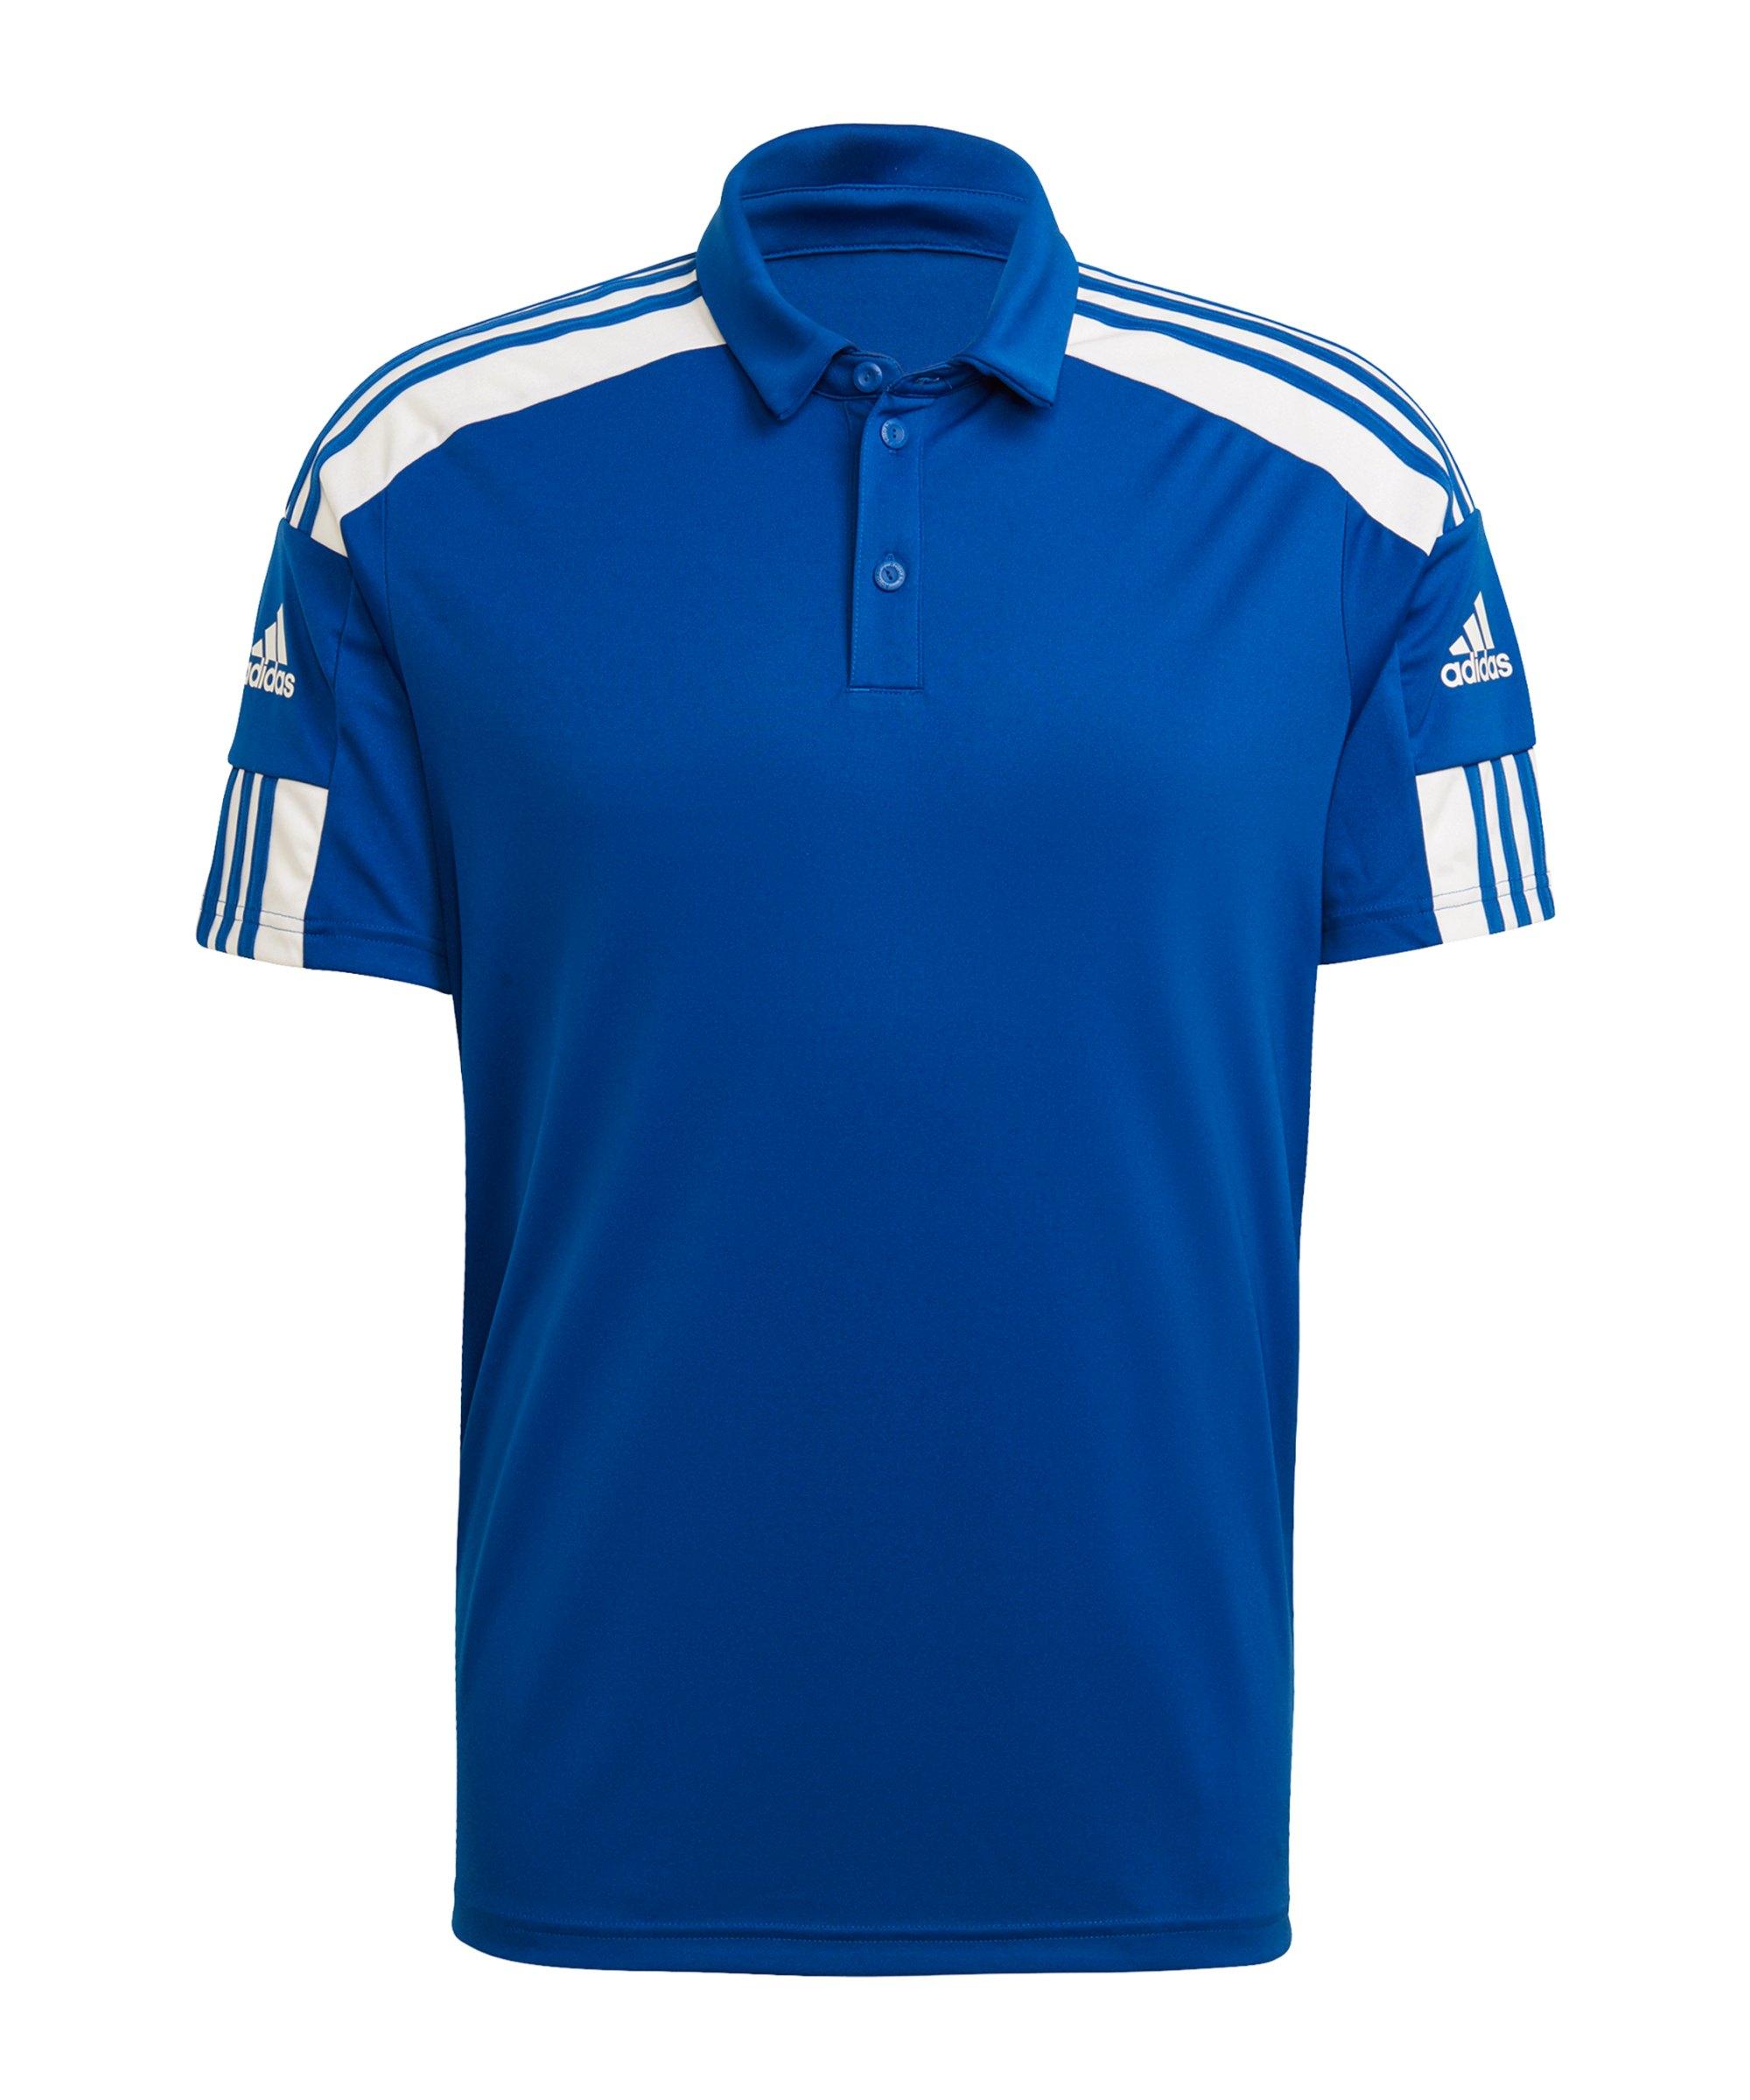 adidas Squadra 21 Poloshirt Blau Weiss - blau